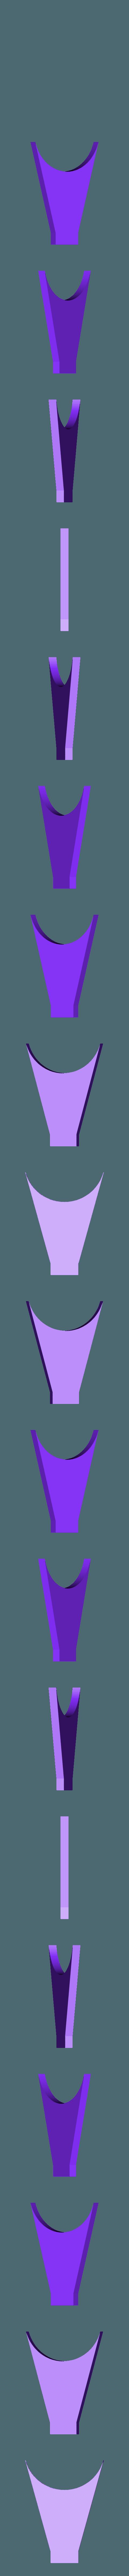 Base Front.stl Download free STL file Star Trek USS Enterprise NCC 1701 • 3D printing object, Dsk